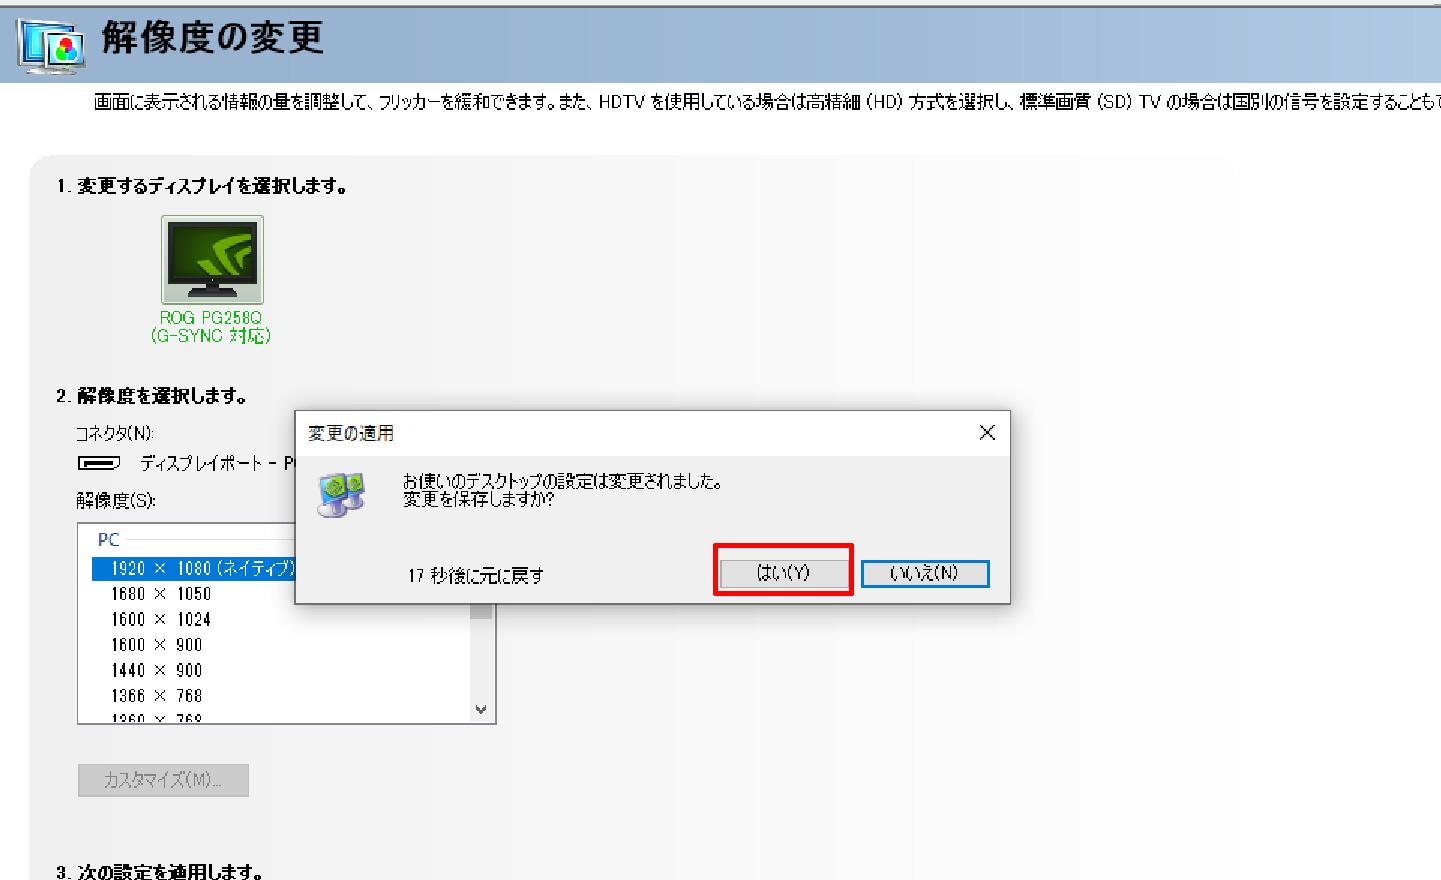 お使いのデスクトップの設定は変更されました。変更を保存しますかではいをクリックする